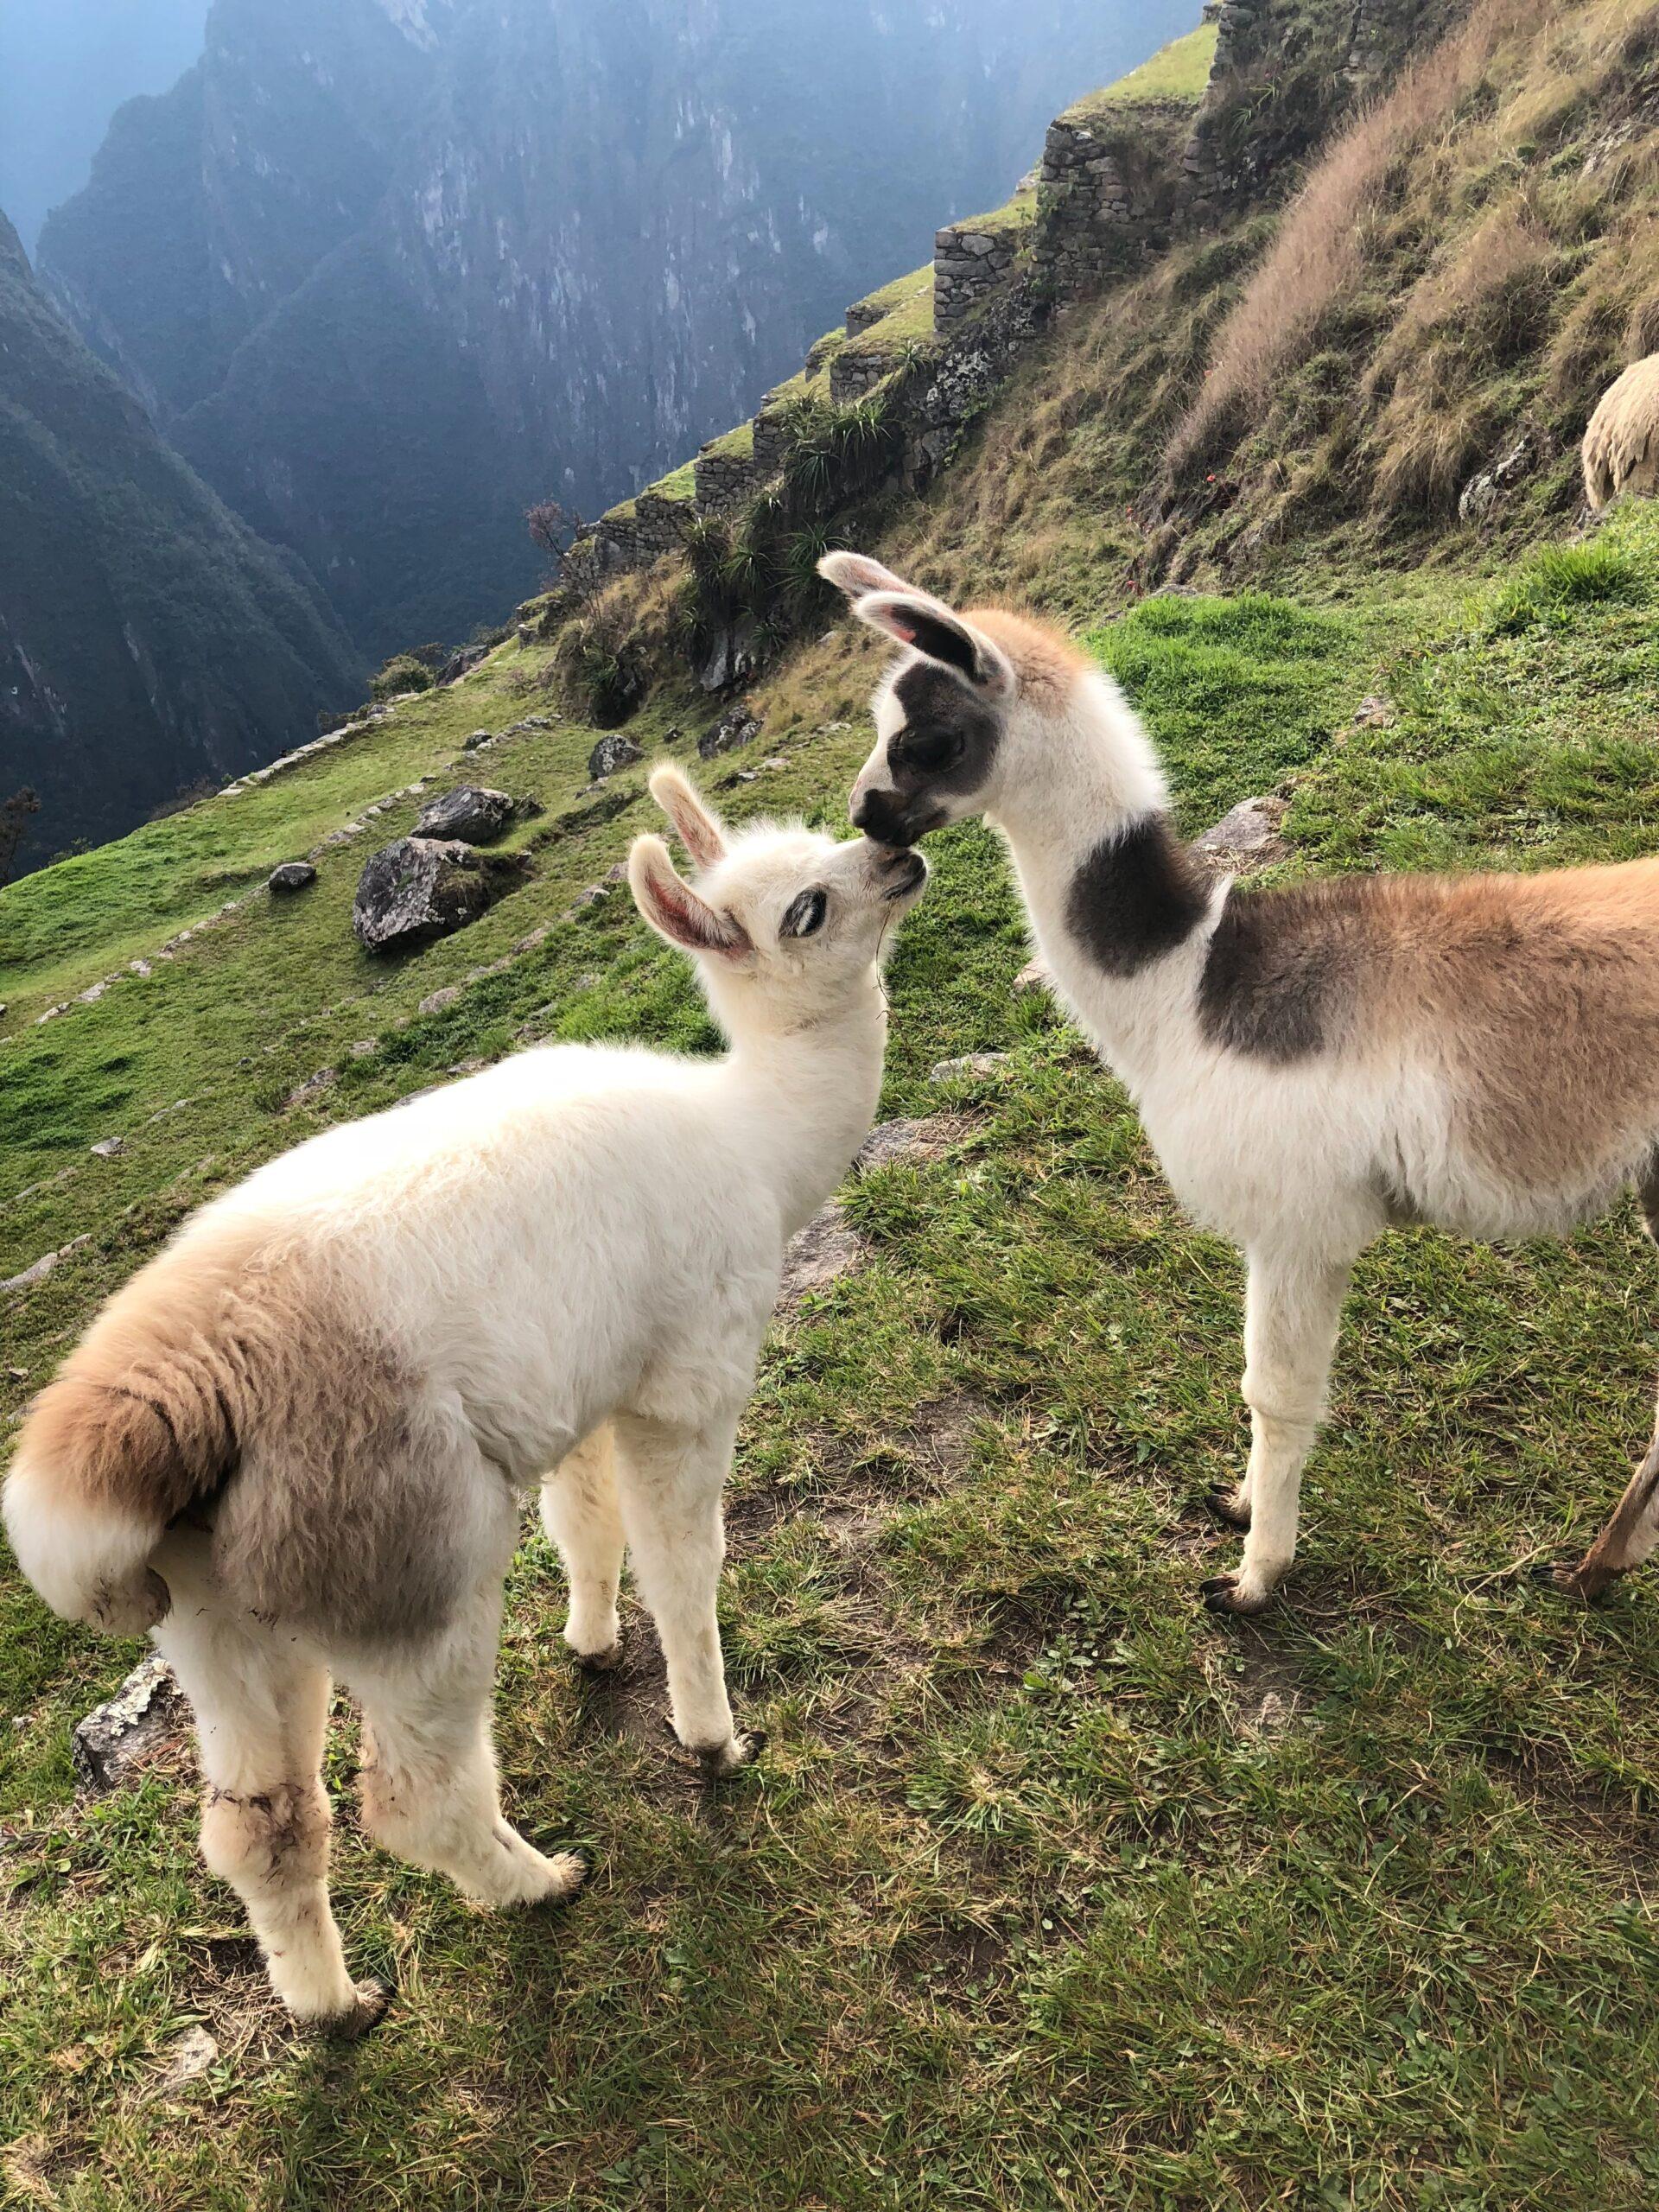 【可愛預警】一年一度的全美羊駝農場節來啦,就在本週末!超治癒的羊駝任你擼,還有各種可愛周邊!